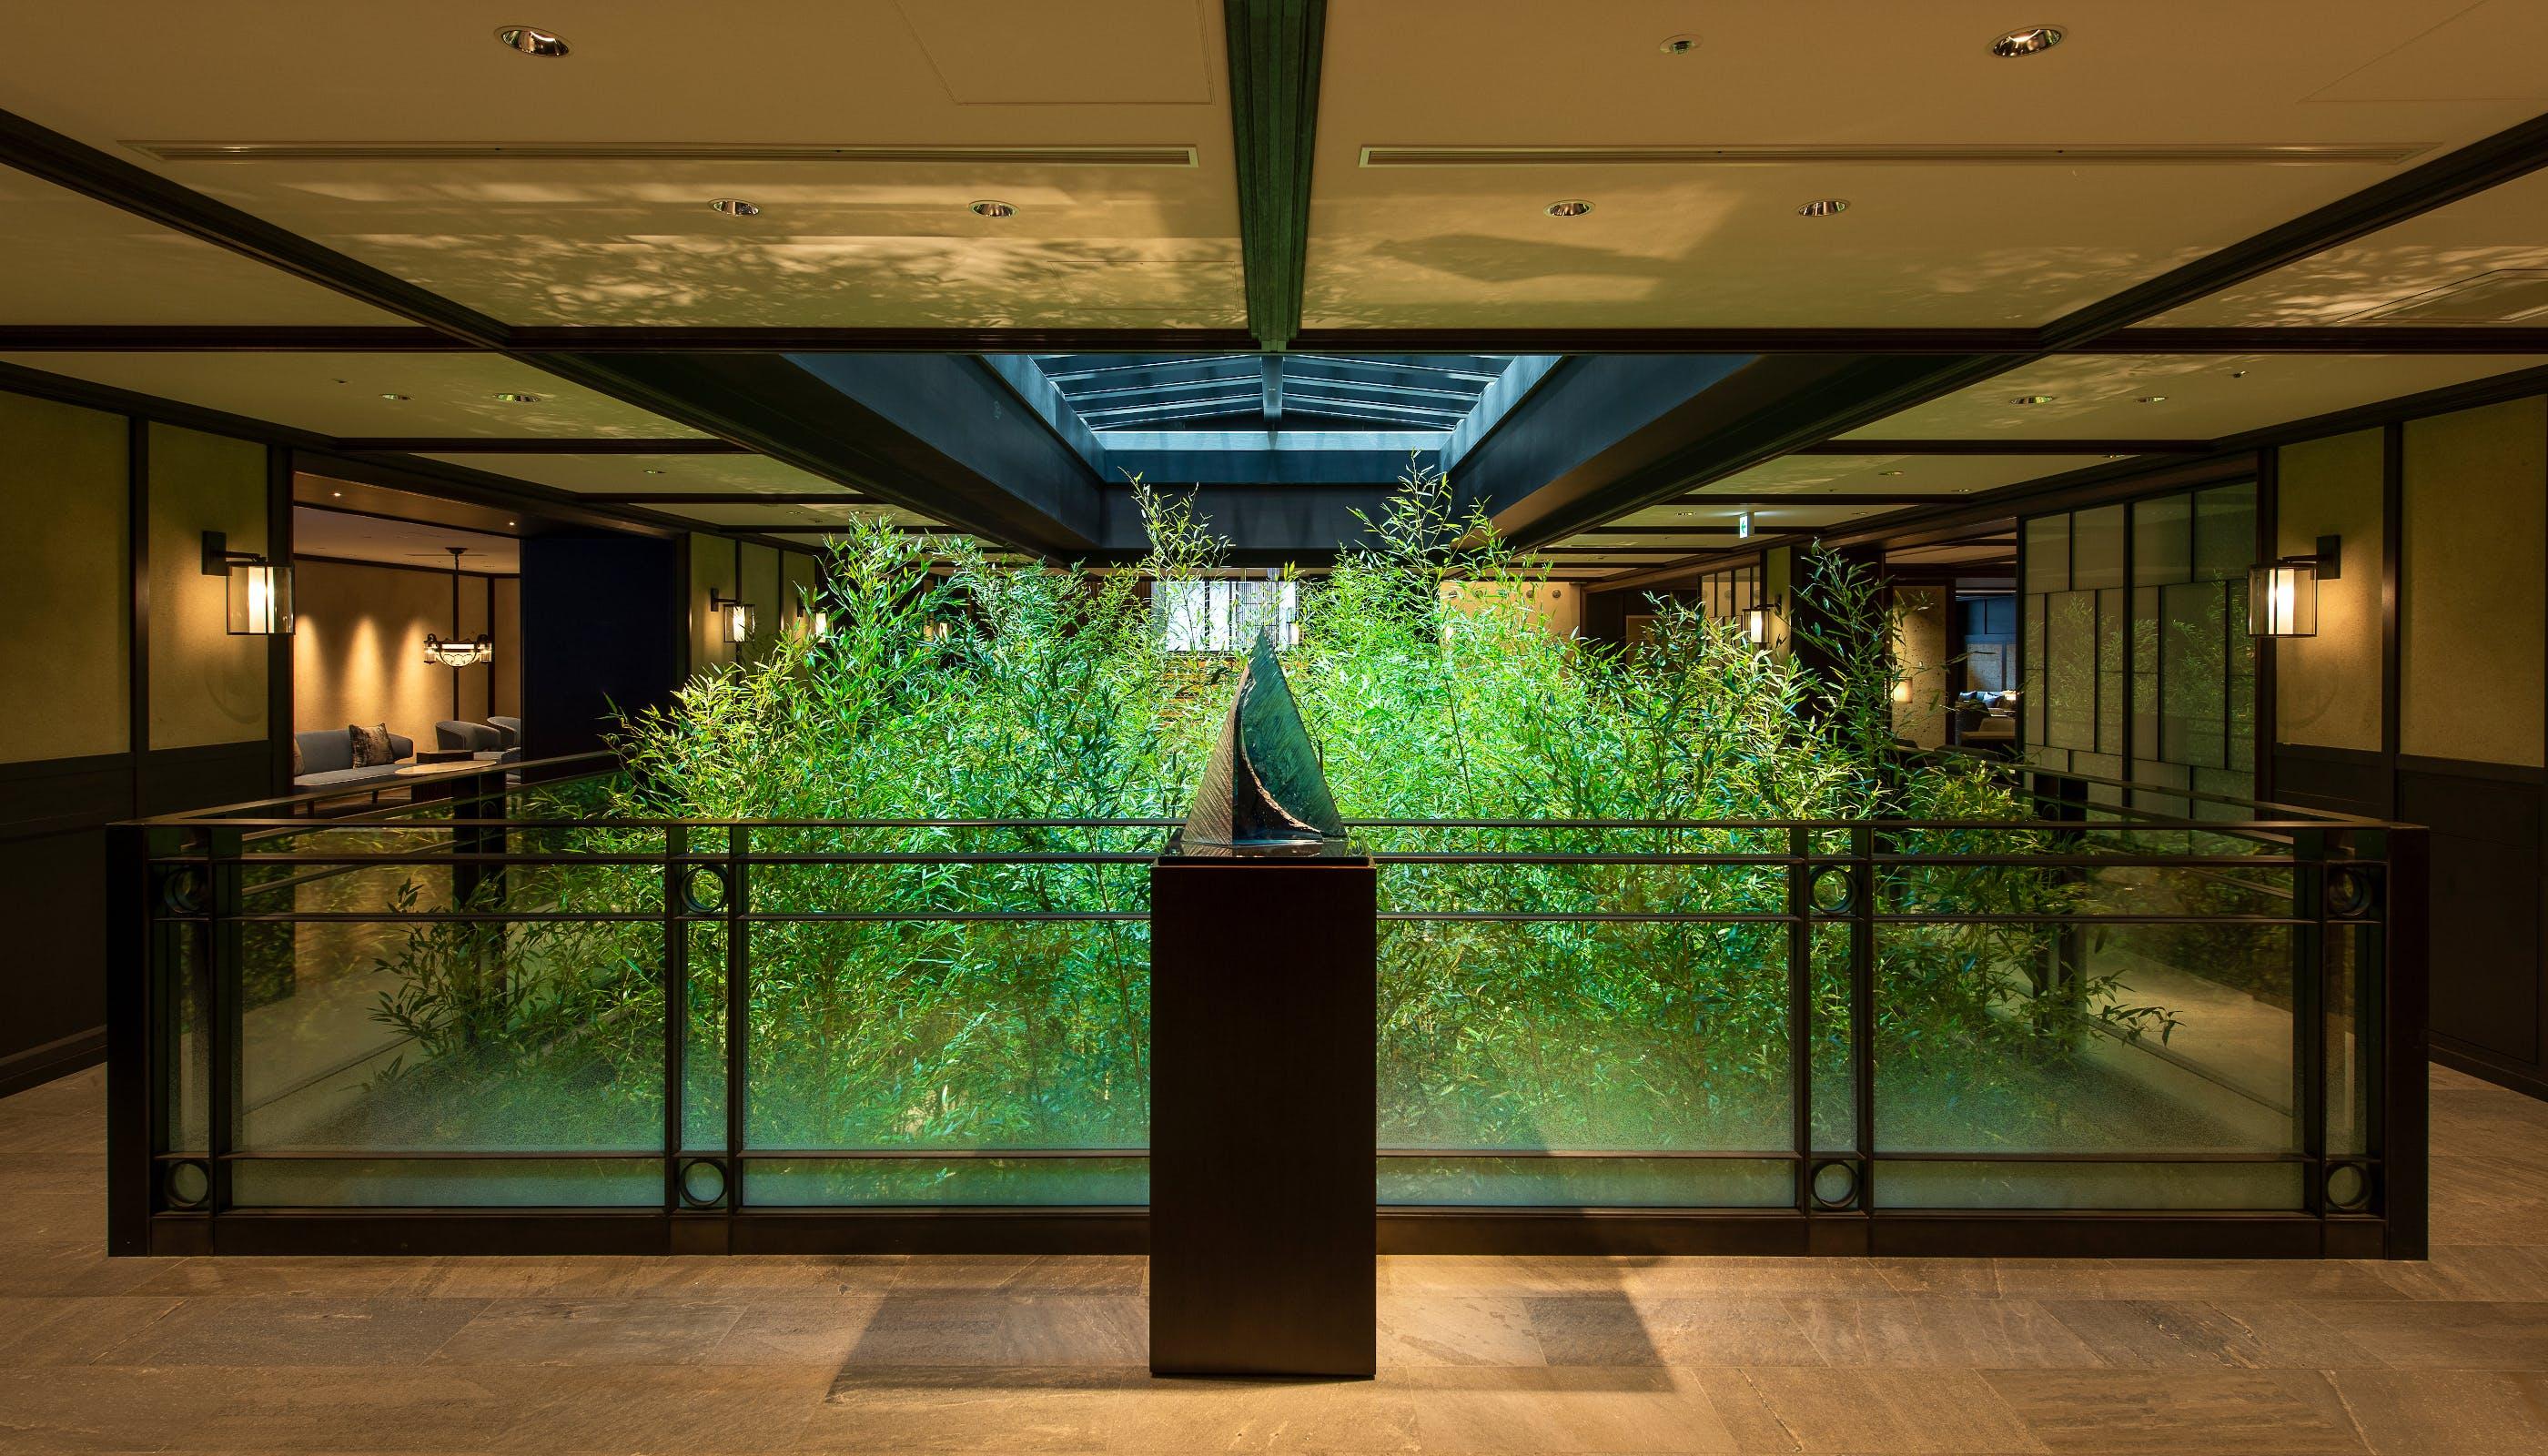 京都の個性と魅力を肌で感じる大人のプレミアムホテル